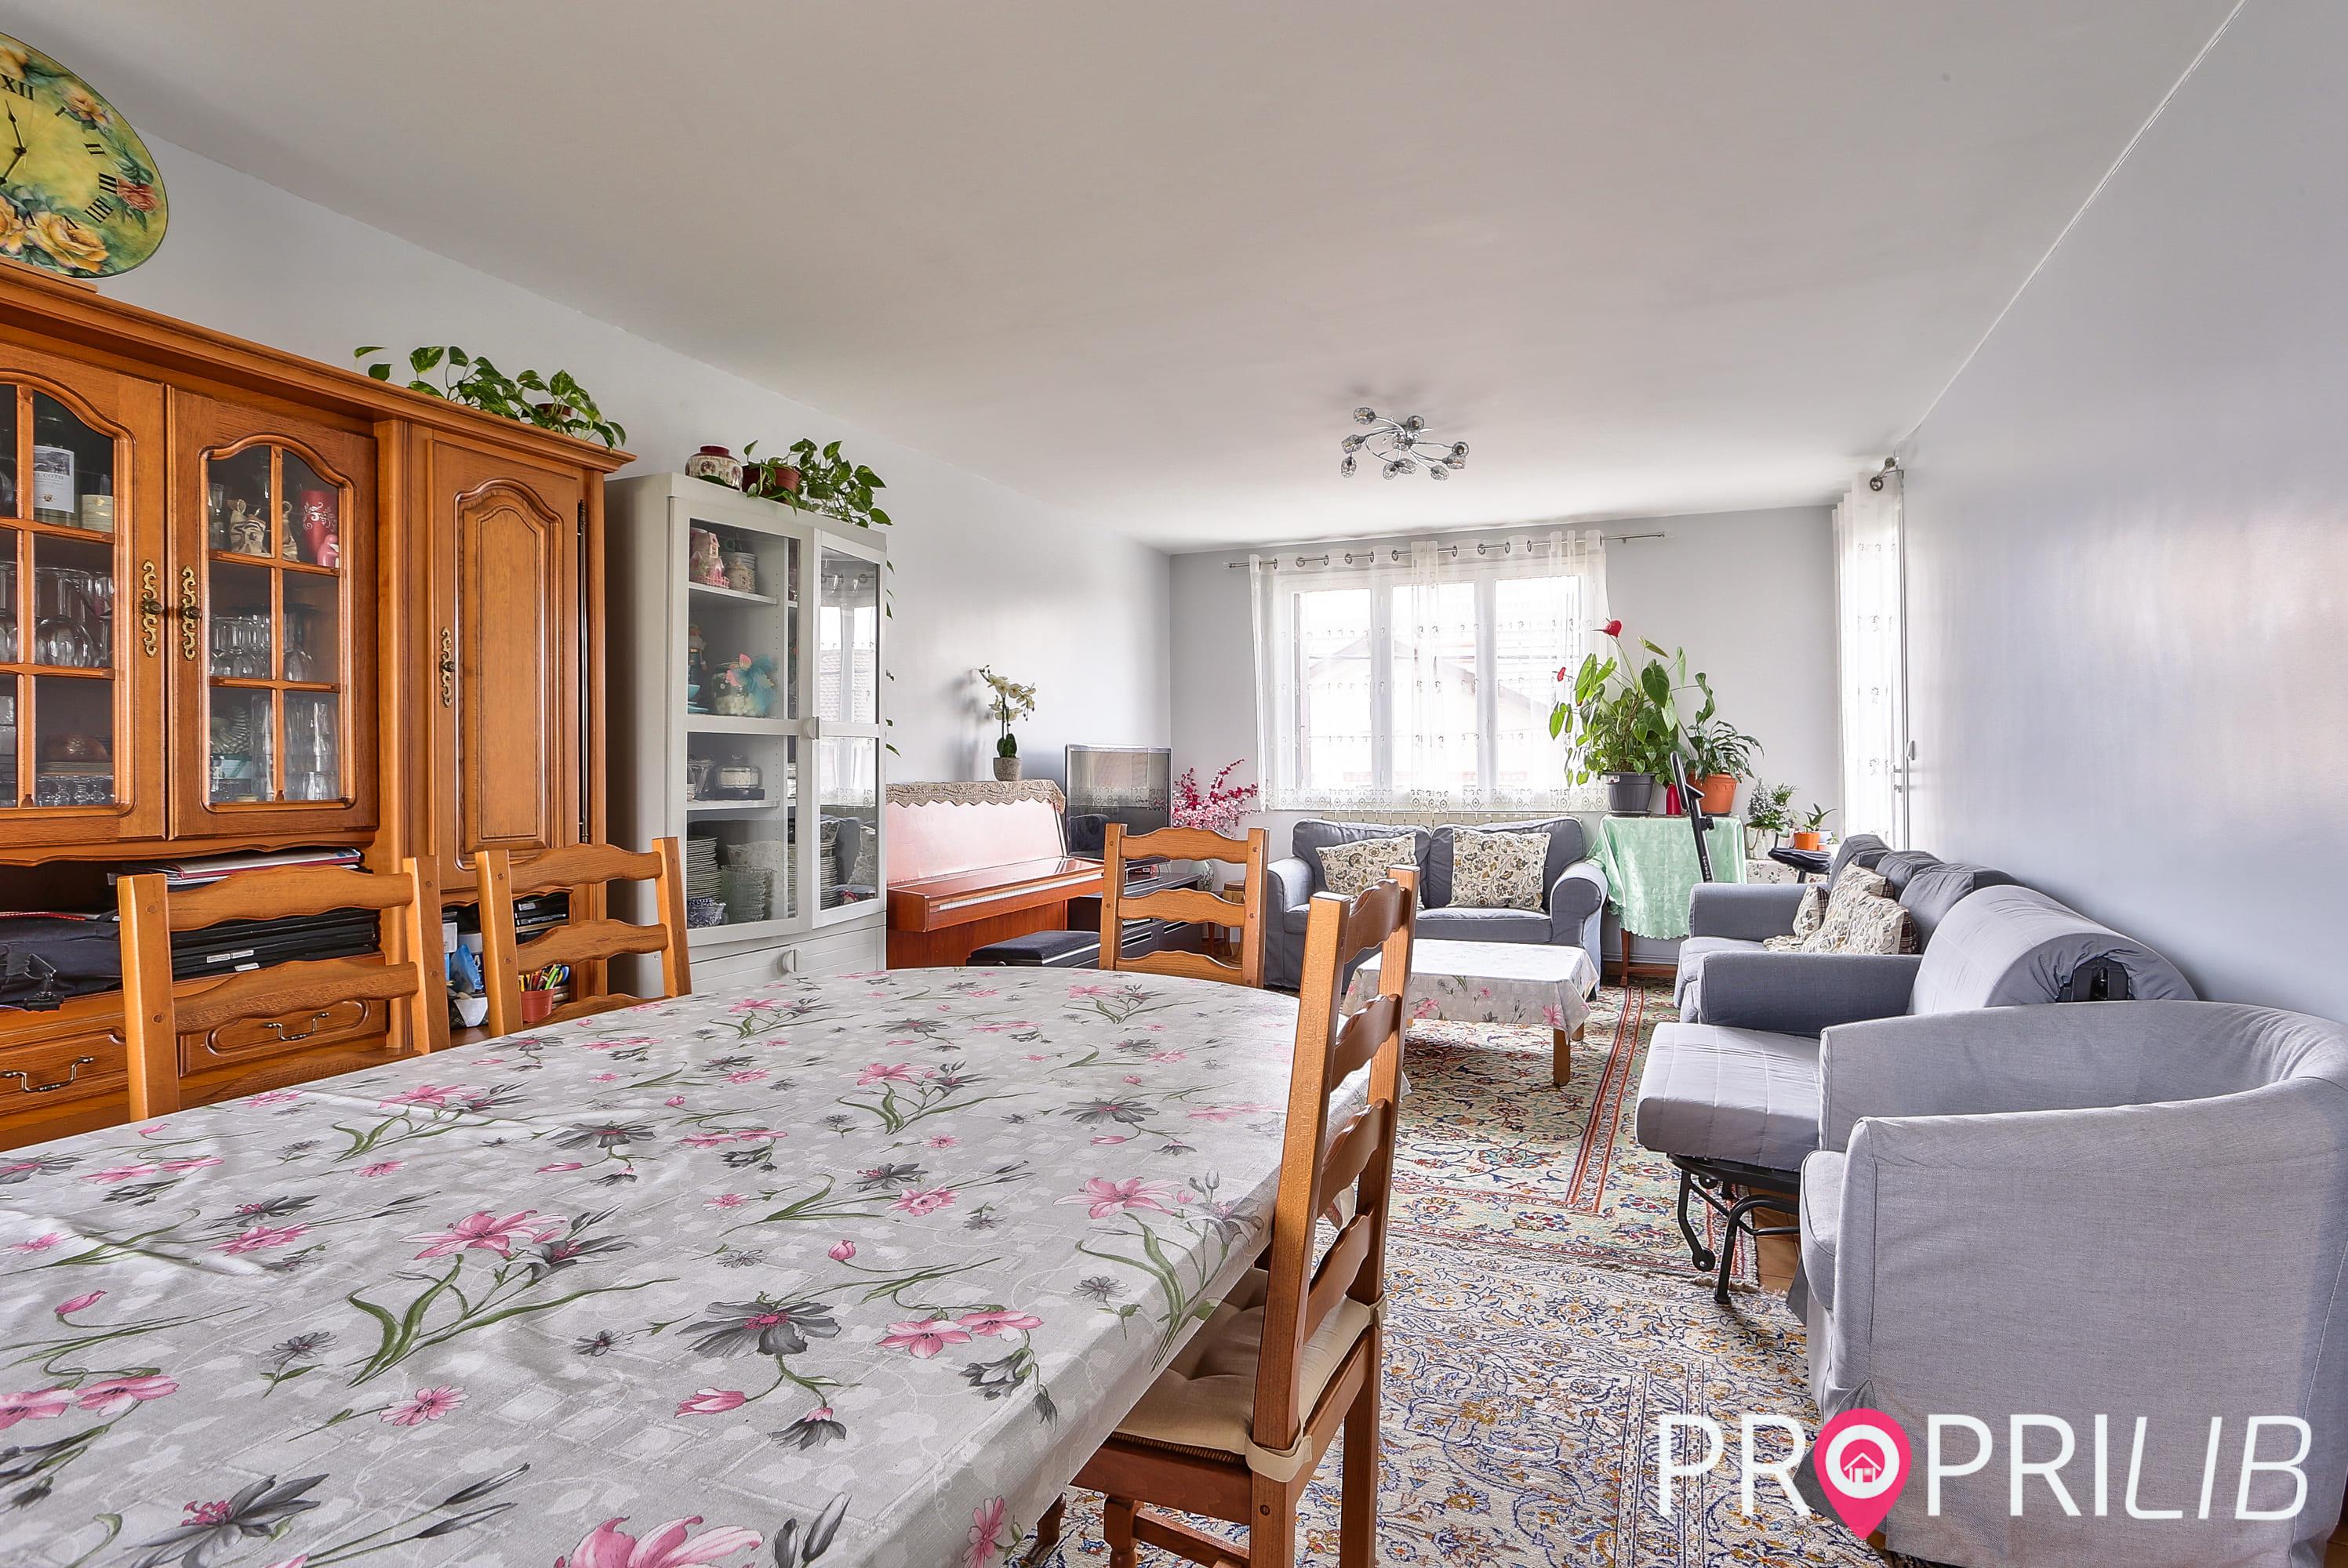 Vendre avec PropriLib, L'agence immobilère en ligne à commission fixe, Saint-Denis 93200 (2)